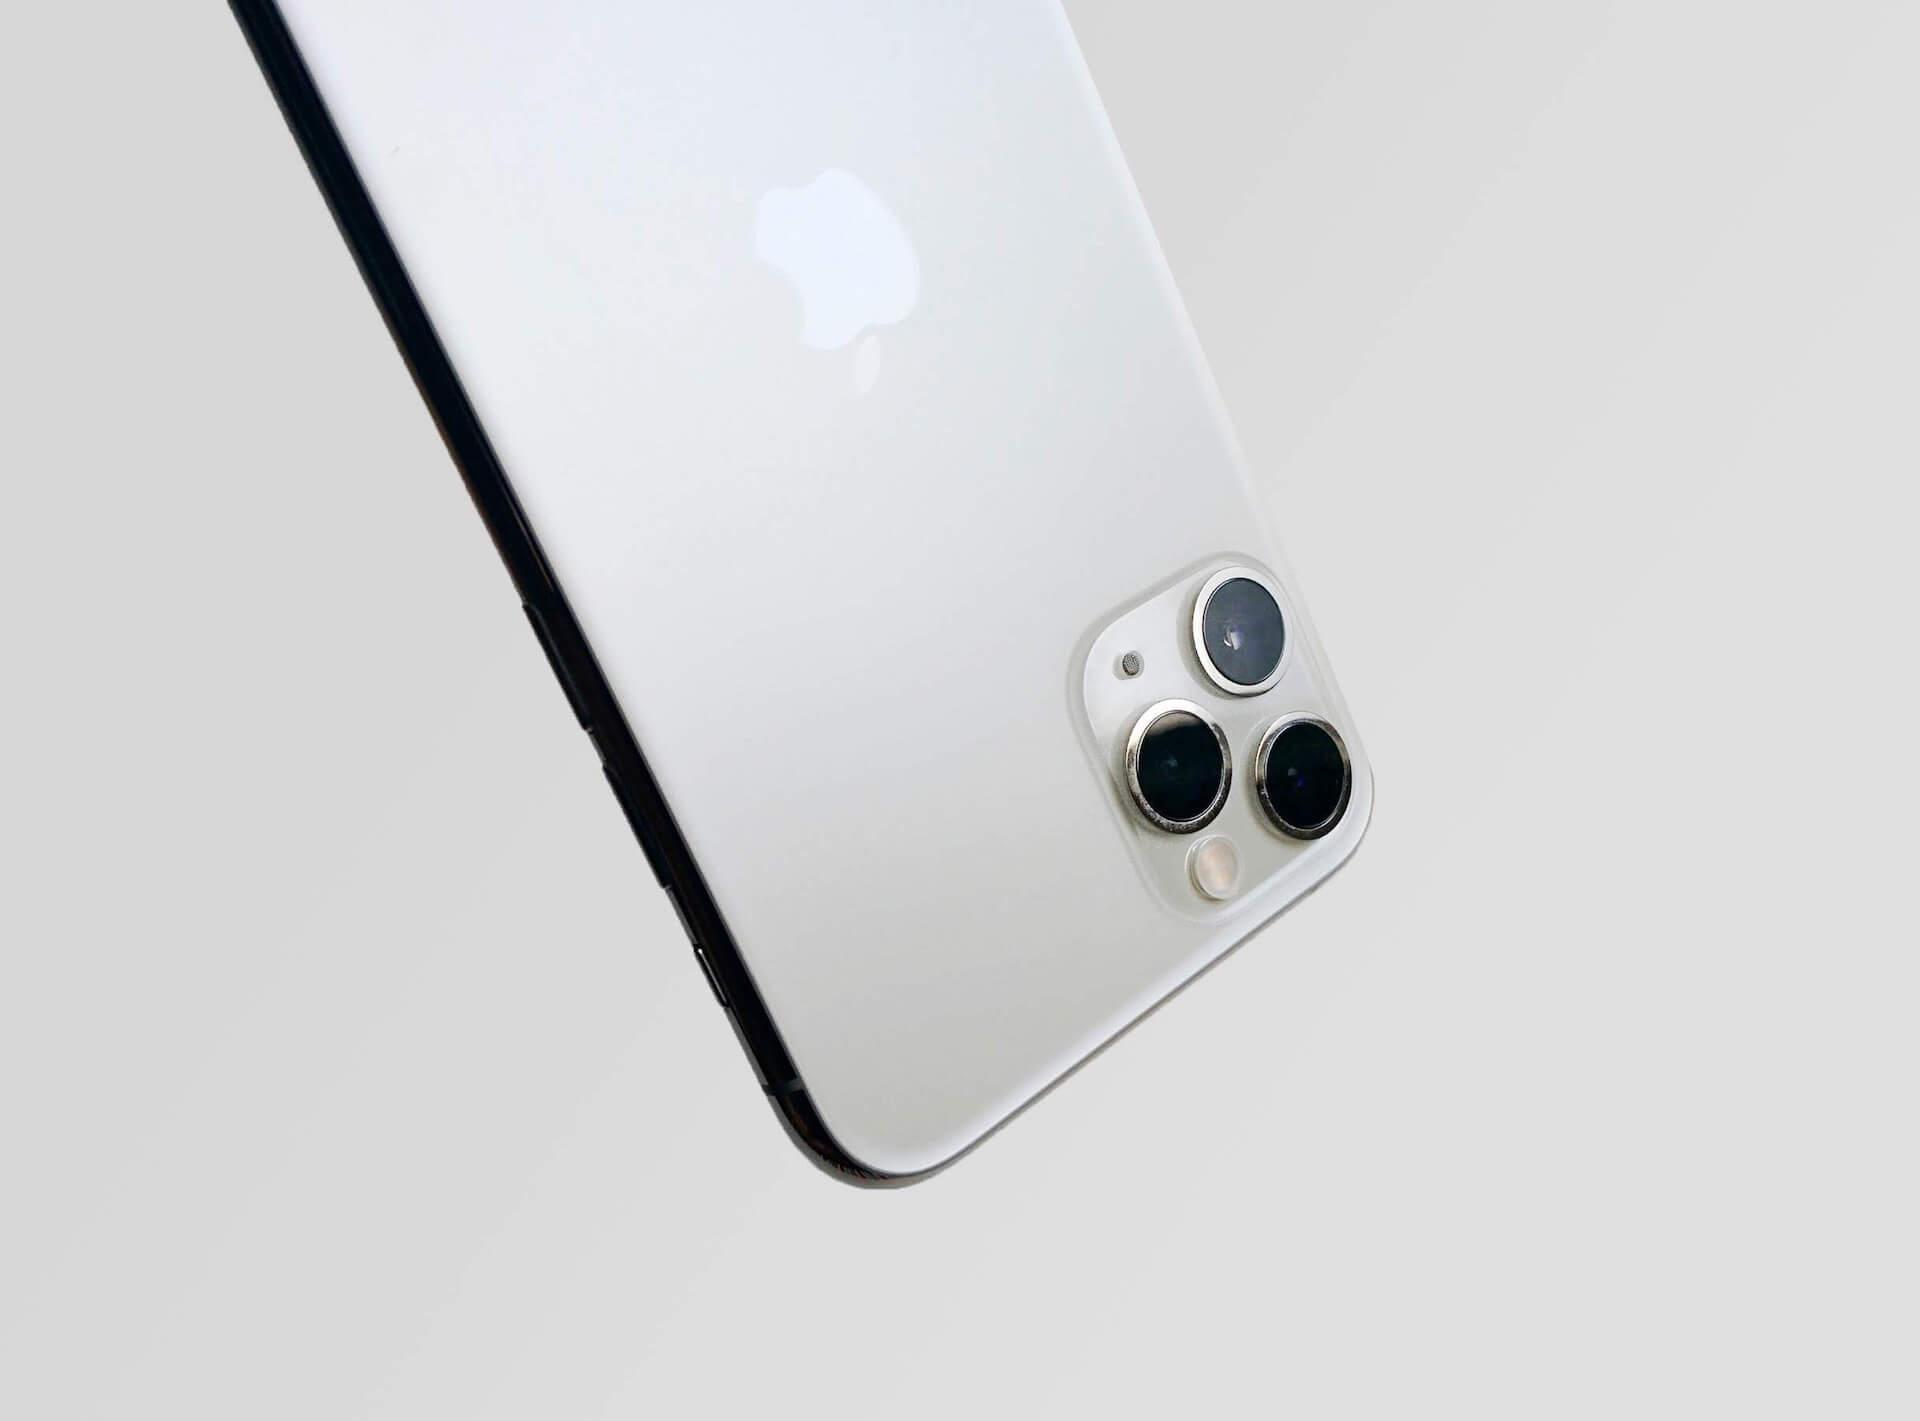 来年出荷予定のiPhone、20%が5G対応か アンテナデザインも改良? tech191121_iphone_5g_main